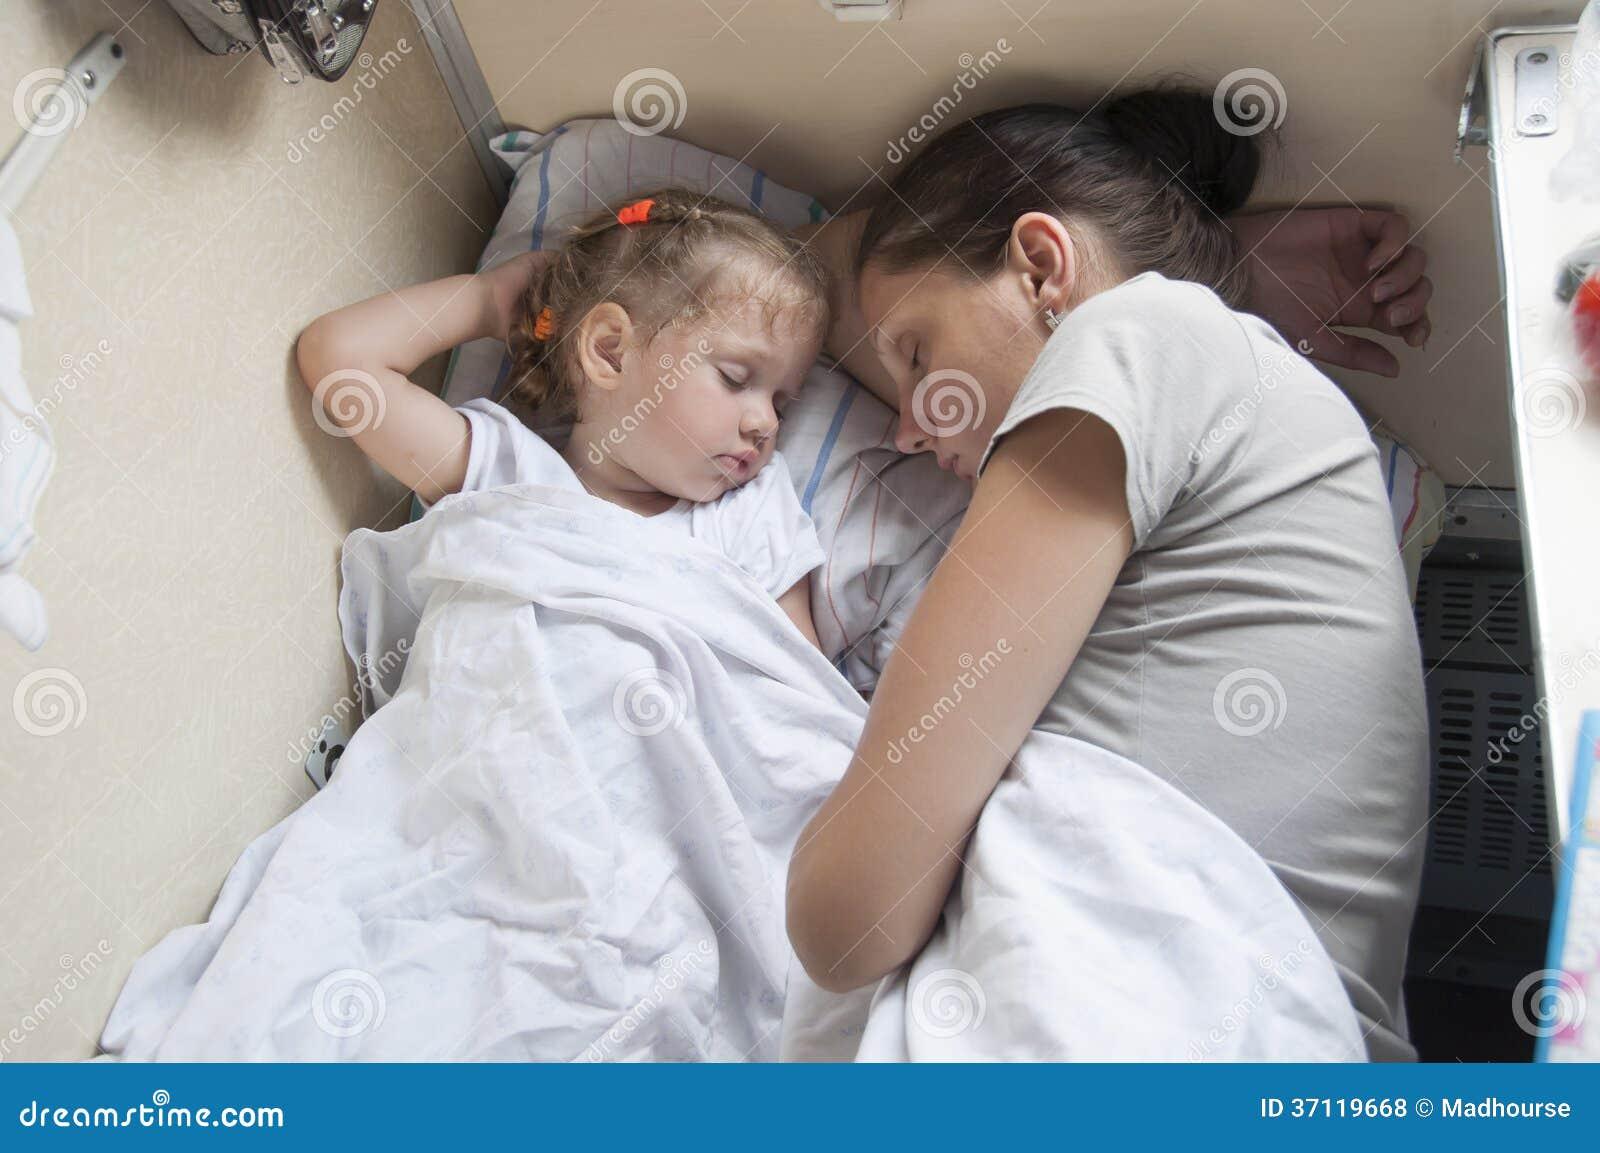 Смотреть как мама и дочка 19 фотография